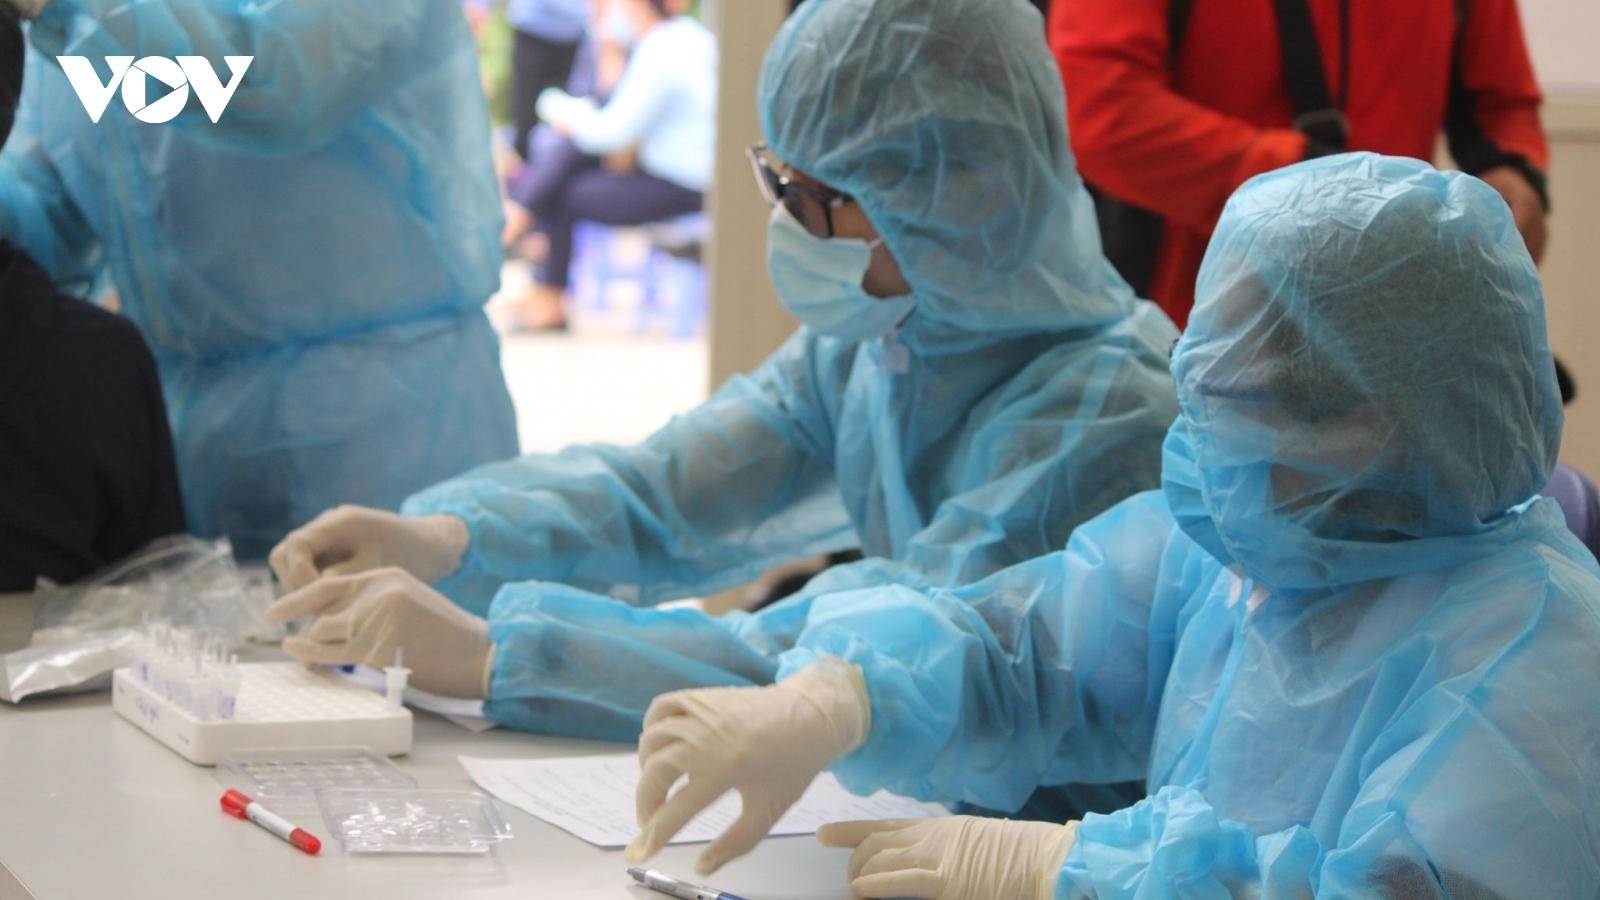 Công nhân công ty Poyun mắc COVID-19 ở Đông Triều chỉ tiếp xúc với người trong gia đình